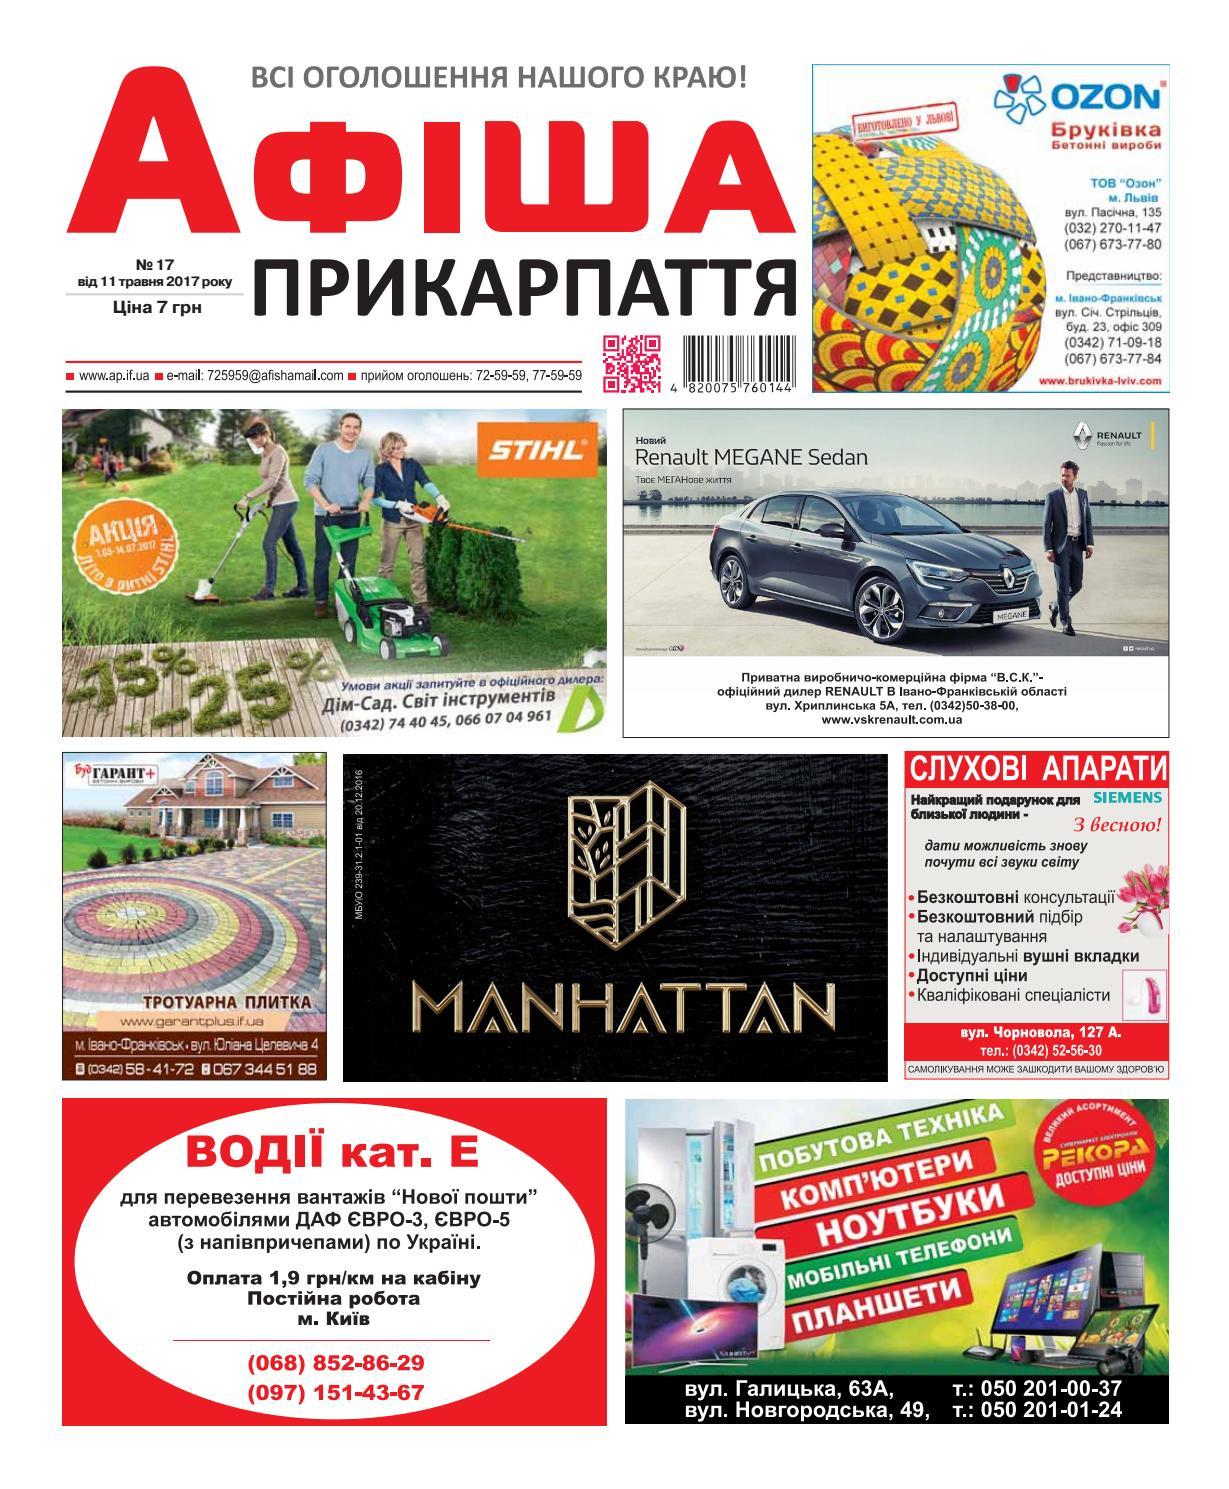 Афіша Прикарпаття 17 by Olya Olya - issuu 187eca79eb121